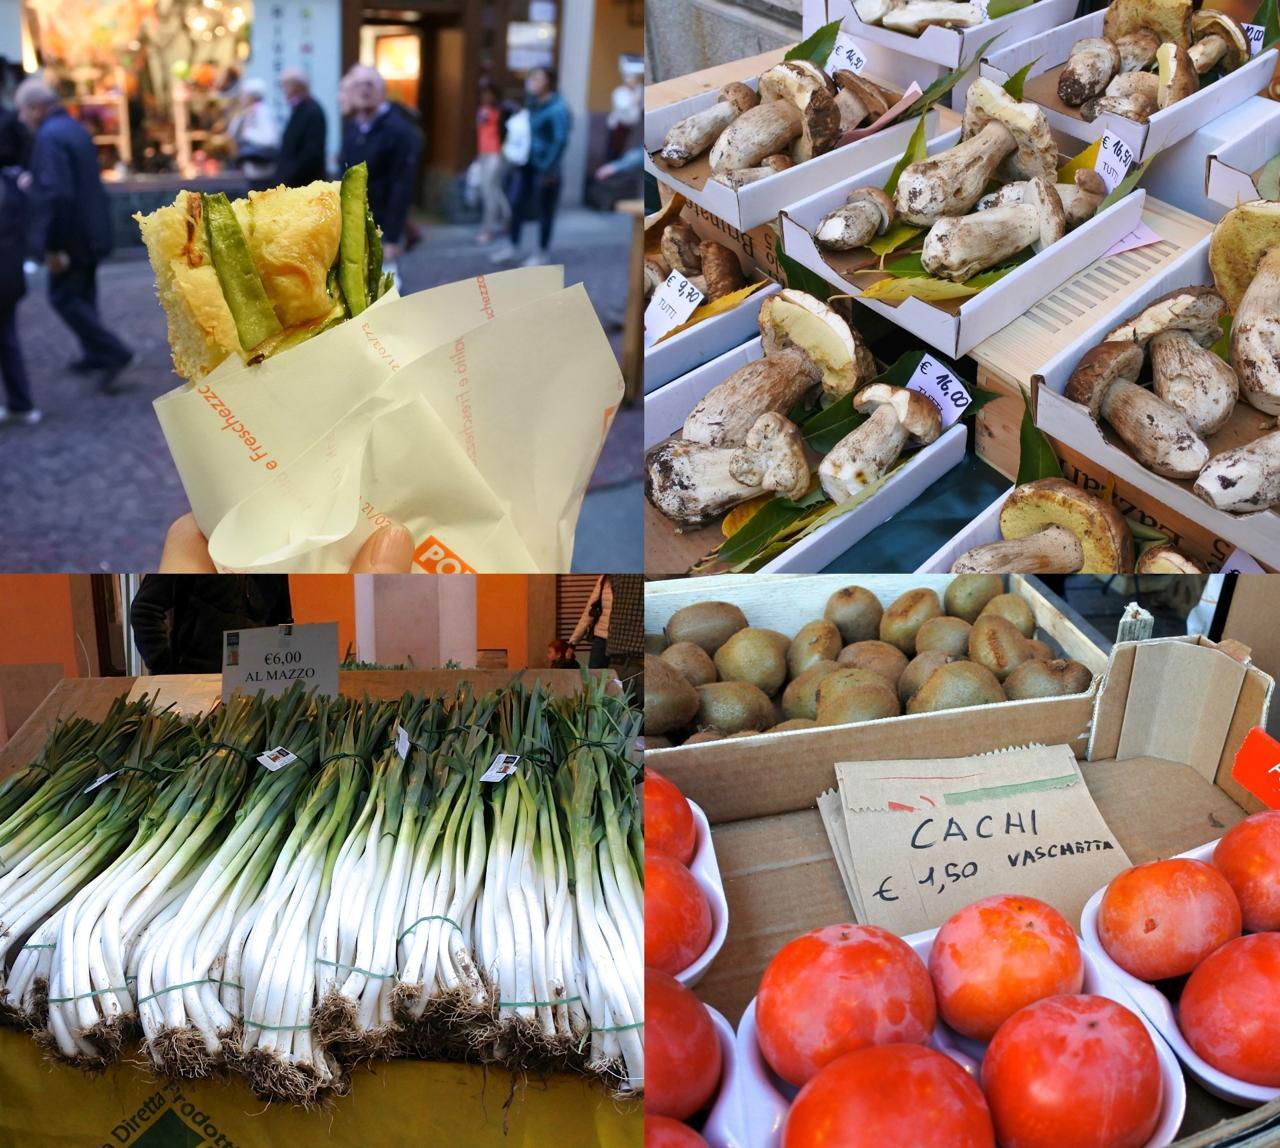 左上はフォカッチャ専門店で買ったズッキーニのフォカッチャ。旨い!  1メートル以上はあるかと思われるネギ、「Cachi」として売られている柿もシーズン